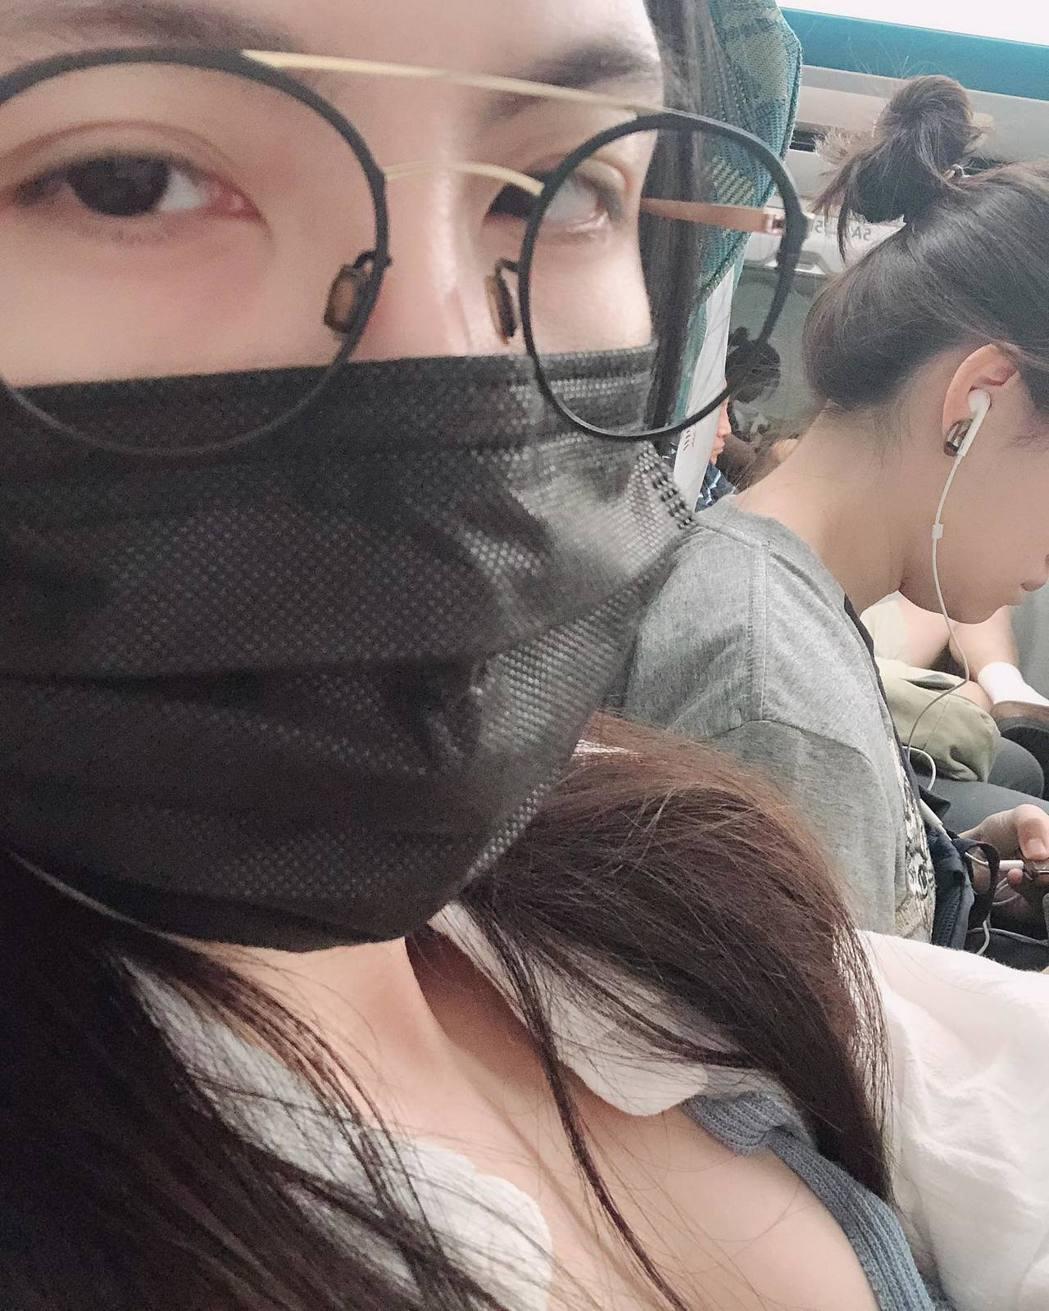 魏蔓自拍照讓旁邊乘客也入鏡,不過網友卻發現右下角有亮點。 圖/擷自魏蔓臉書